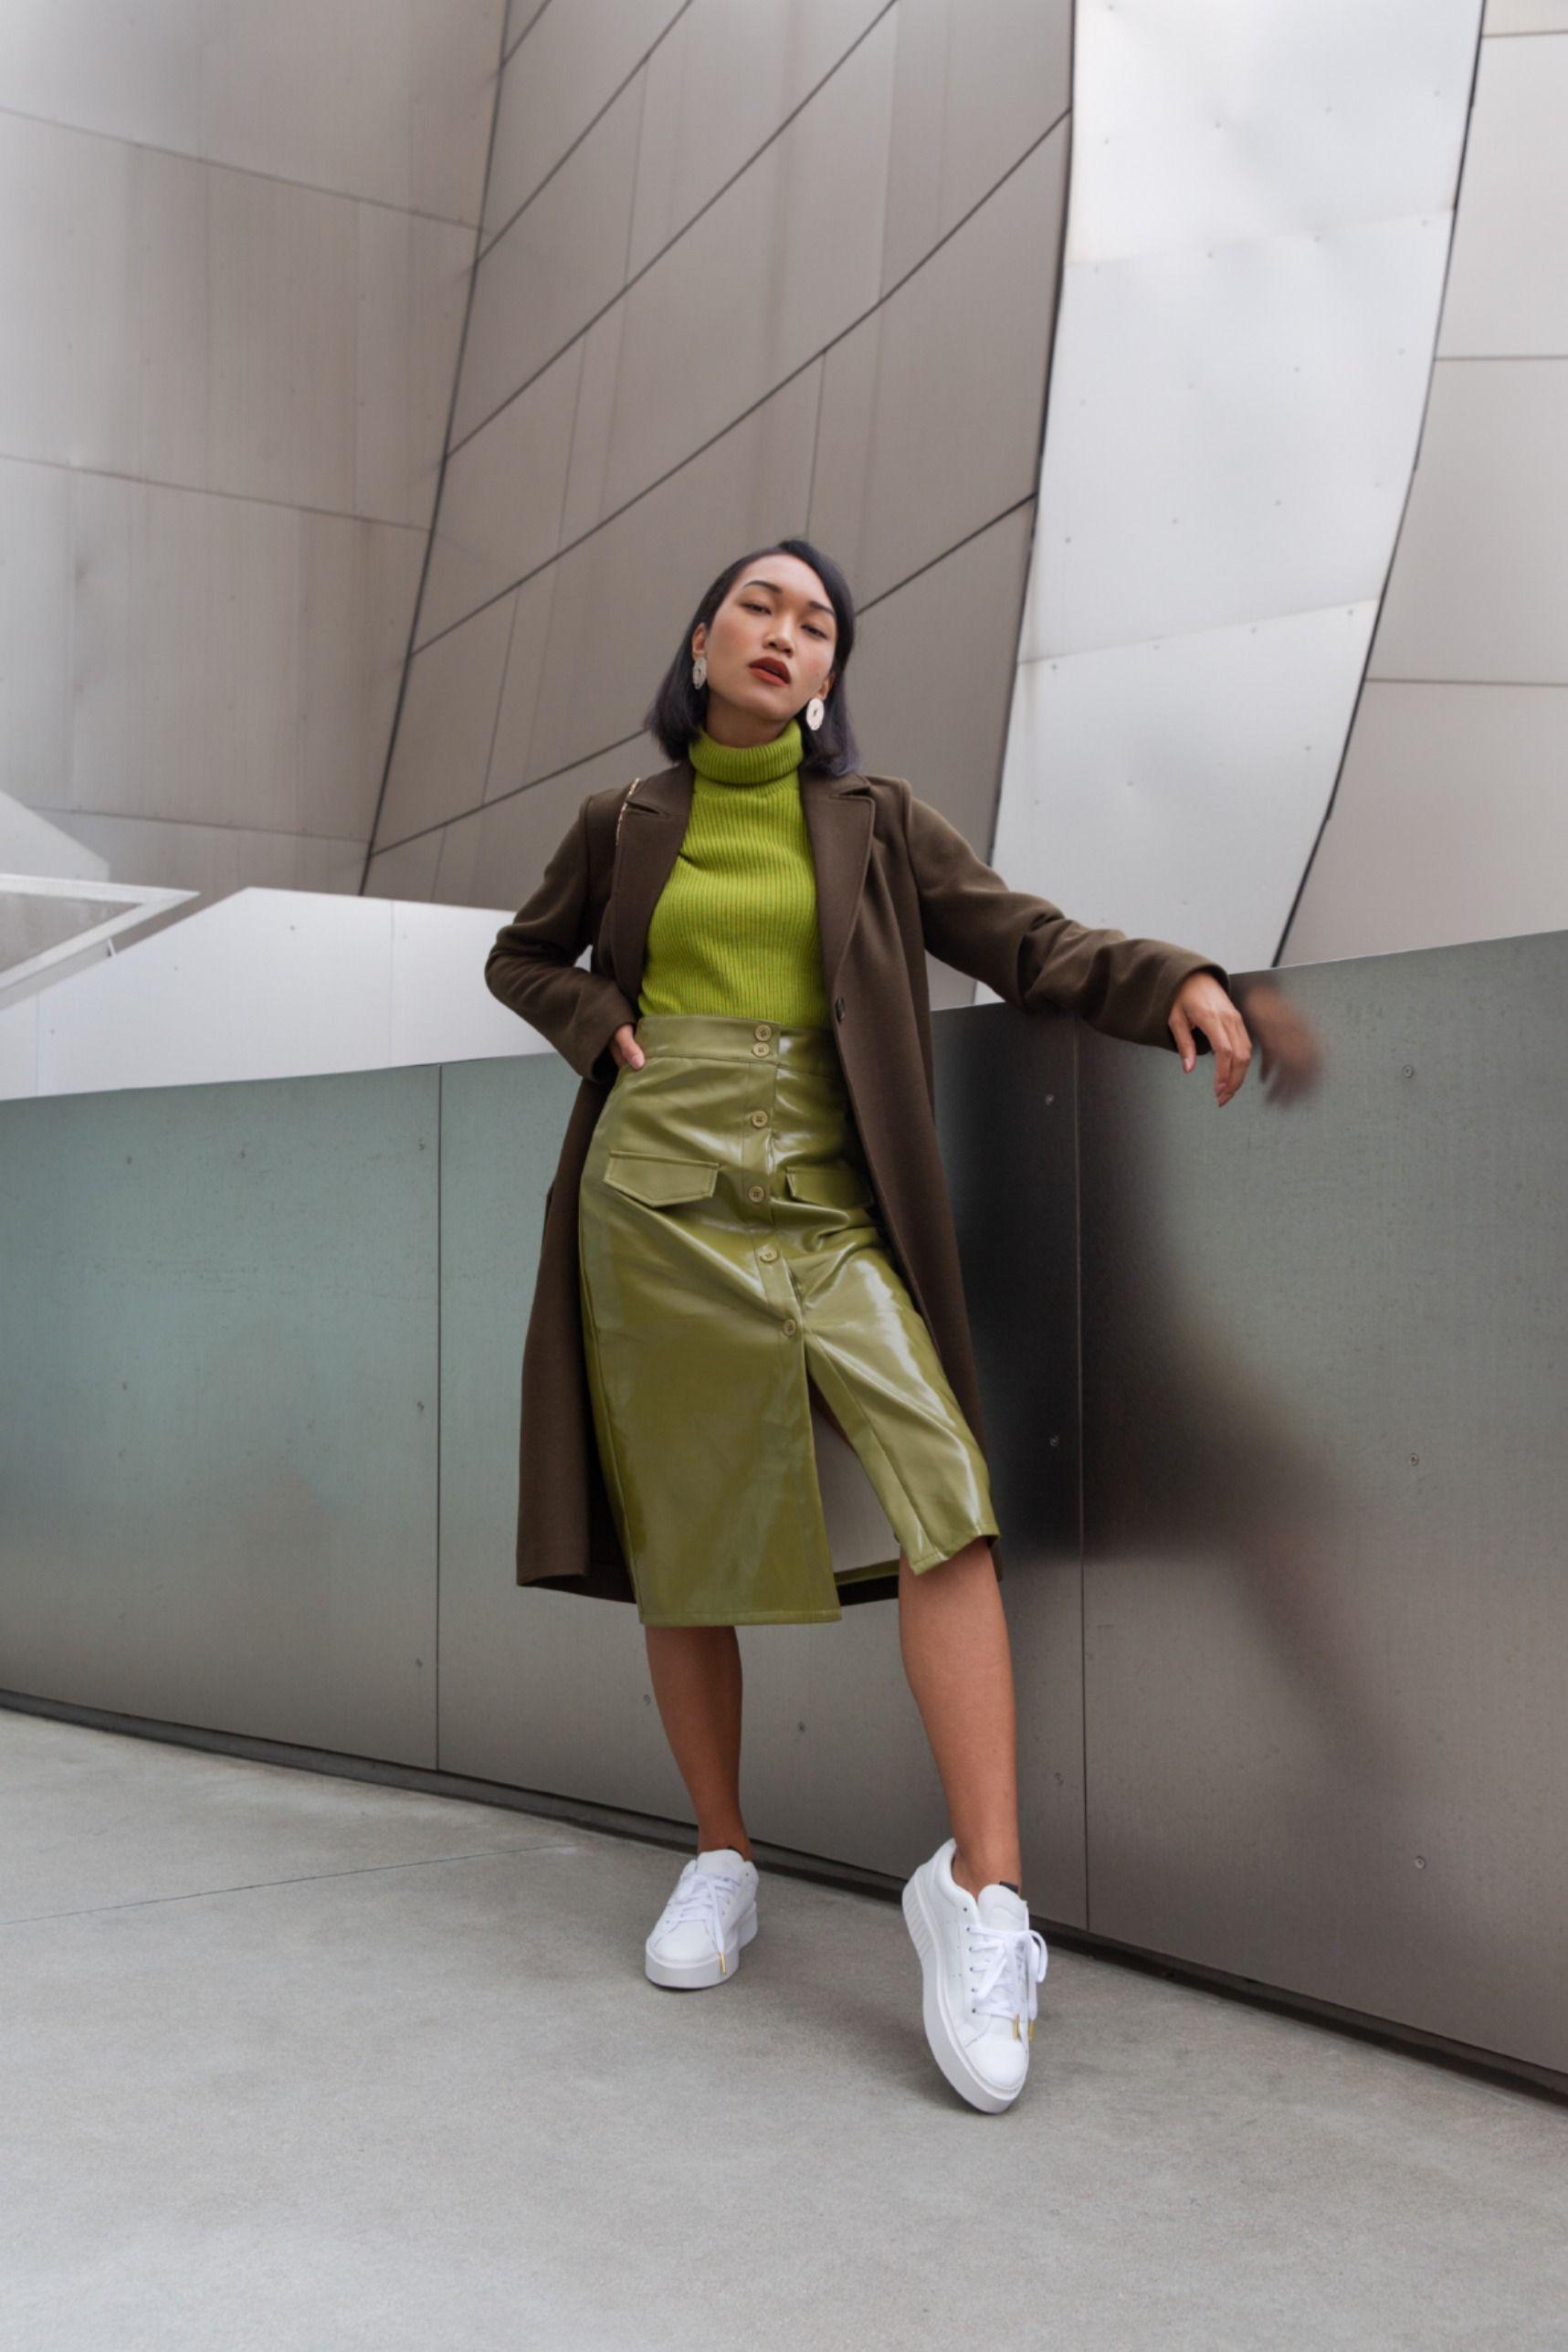 Ahora Entrelazamiento Autocomplacencia  adidas Sleek Super Shoes - White | adidas US in 2020 | Adidas outfit women, Sleek  outfit, Adidas outfit